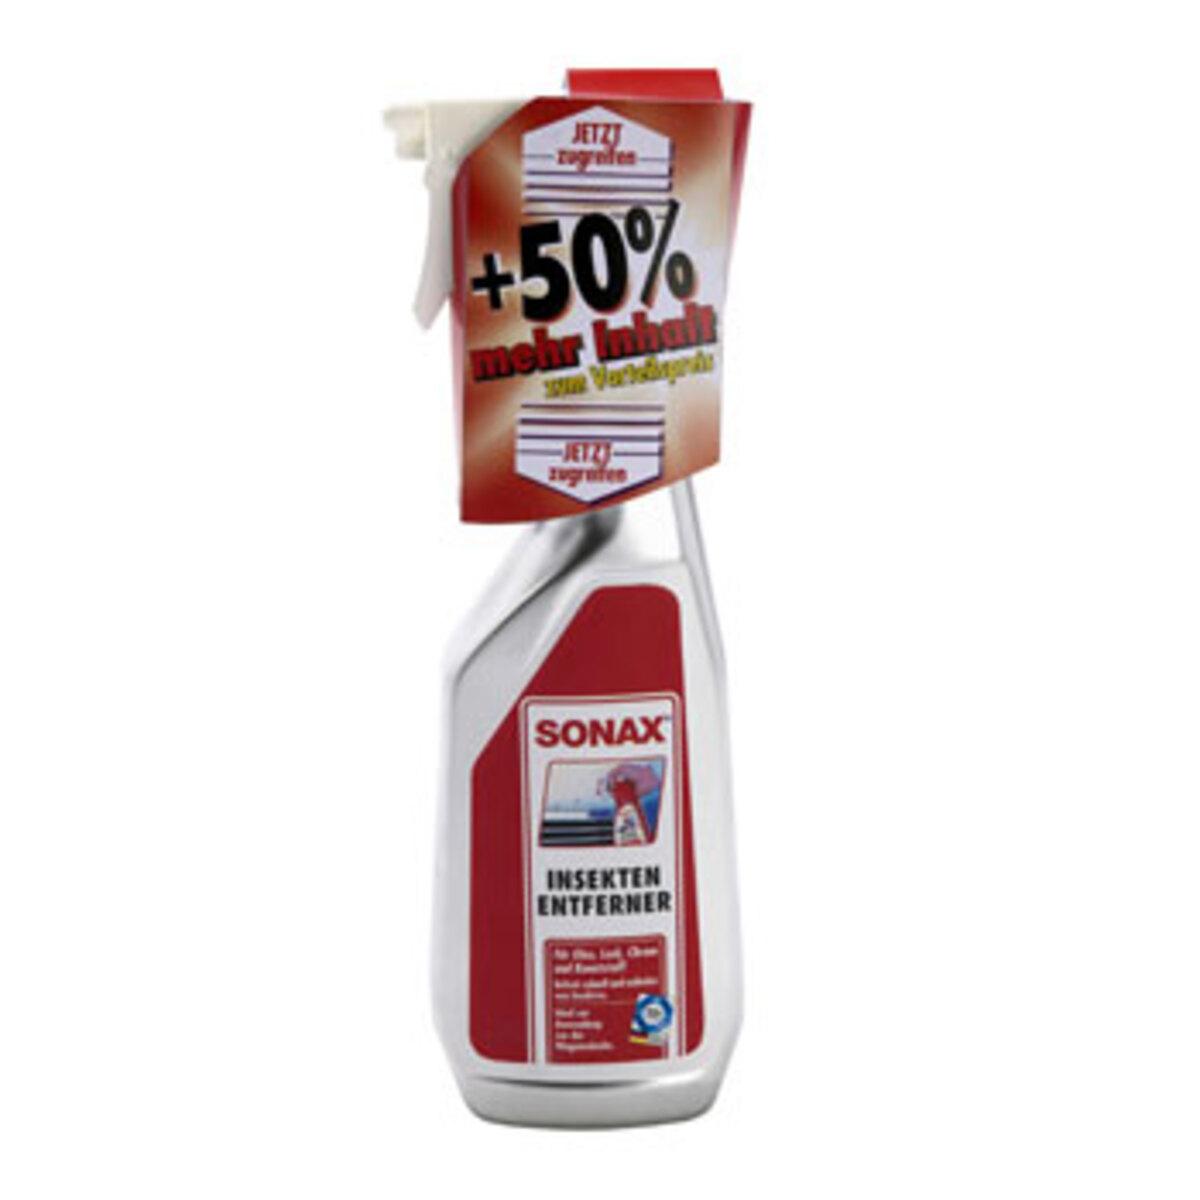 Bild 2 von SONAX 533400 InsektenEntferner Aktionsflasche 750 ml